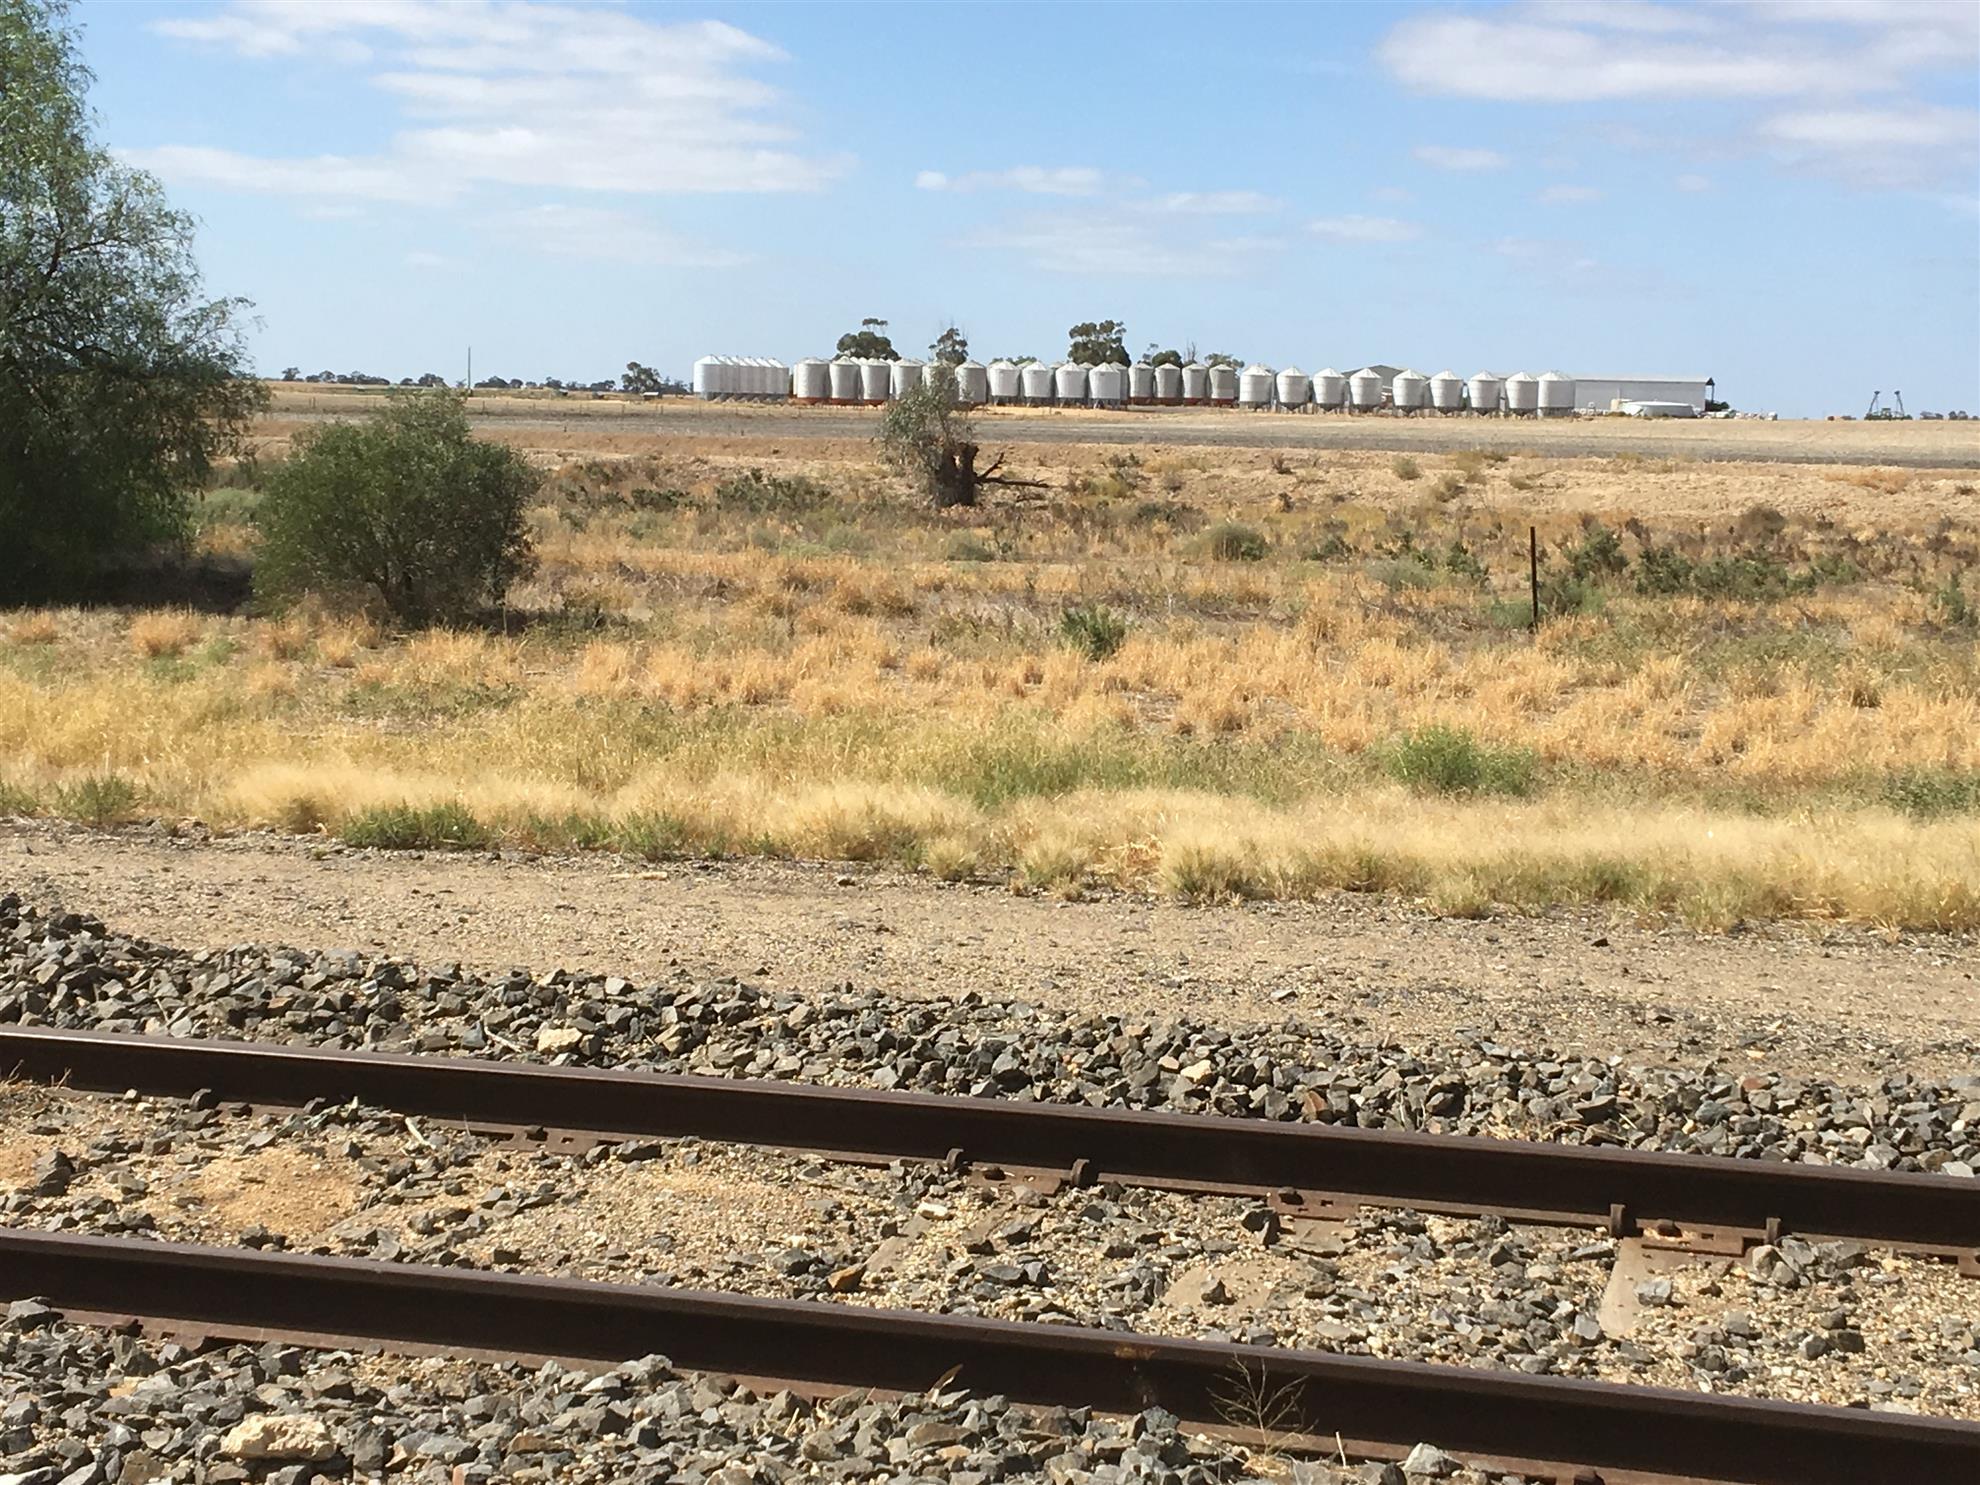 Modern grain storage silos